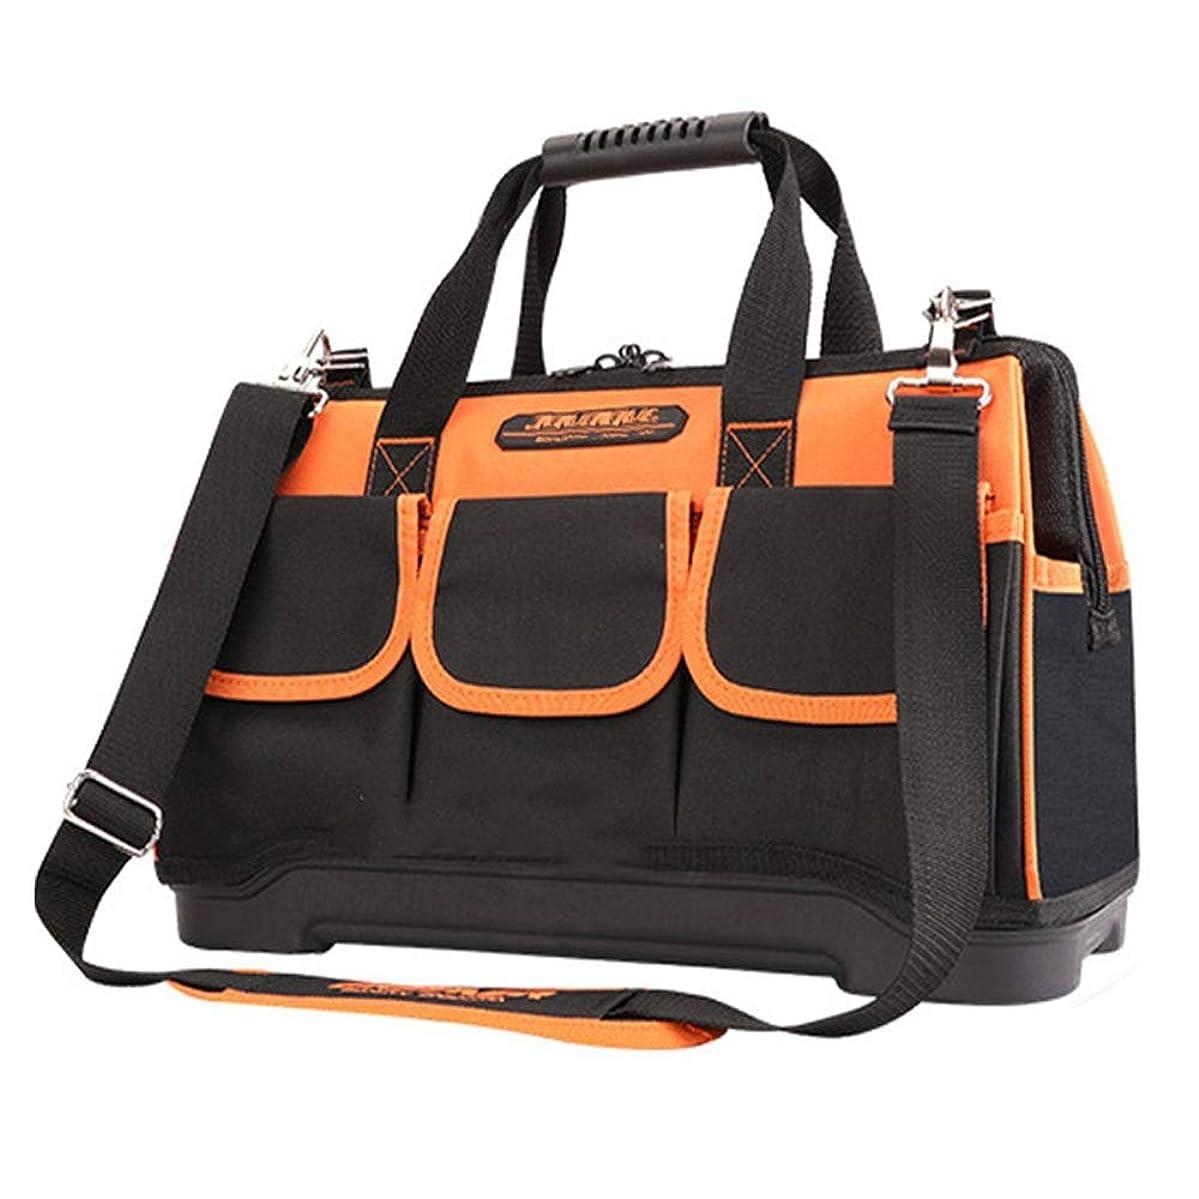 援助怠な皮ホームDIY&機器ストレージの太いベース、16インテリア/エクステリアポケット、ショルダーストラップ、と多機能防水ツールバッグ 折りたたみトート (色 : オレンジ, サイズ : 20inch)